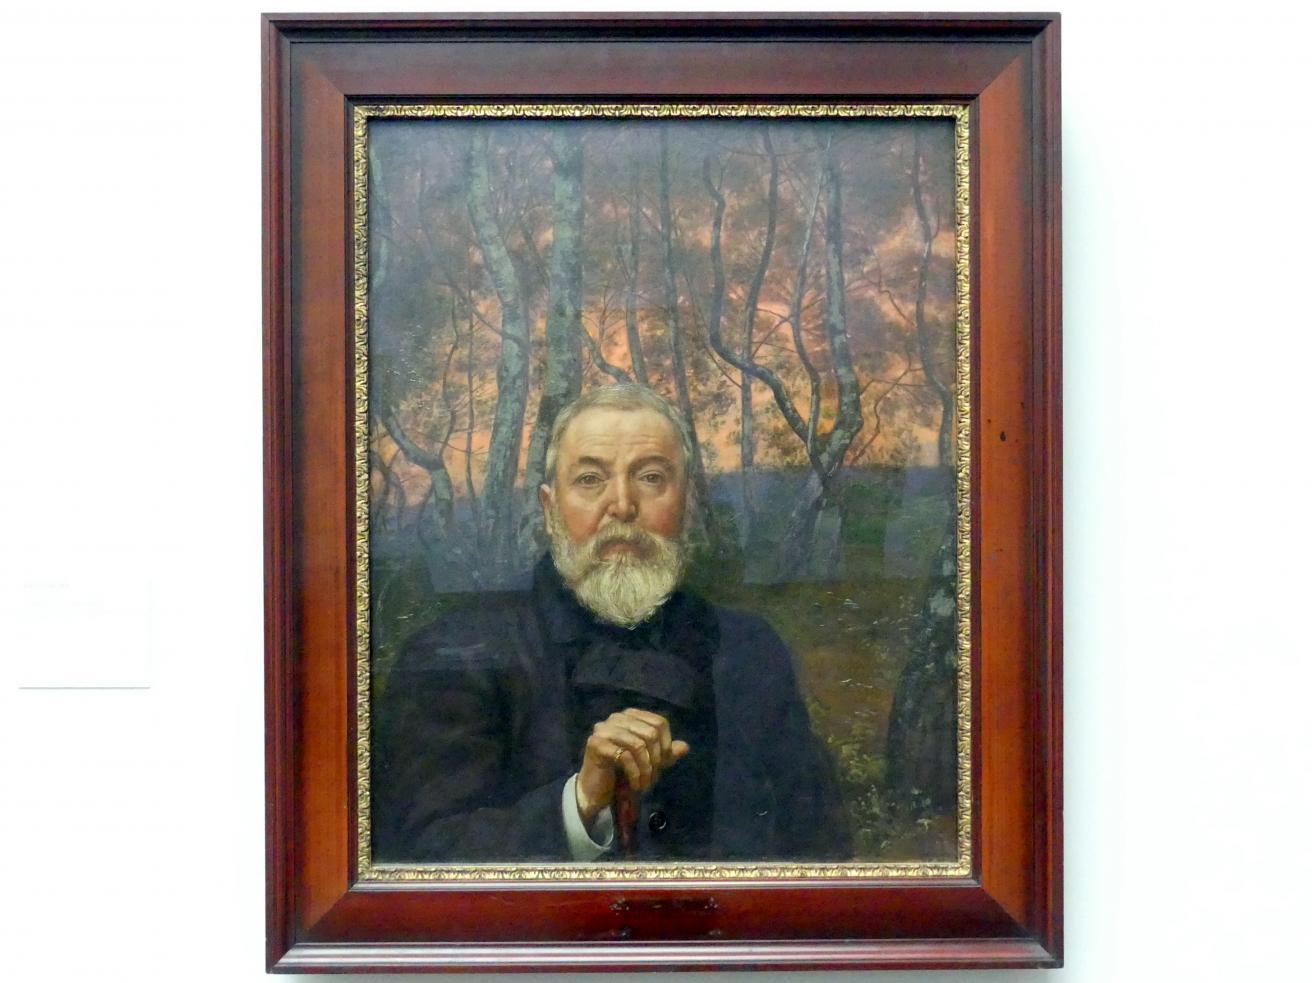 Hans Thoma: Selbstbildnis vor Birkenwald, 1899